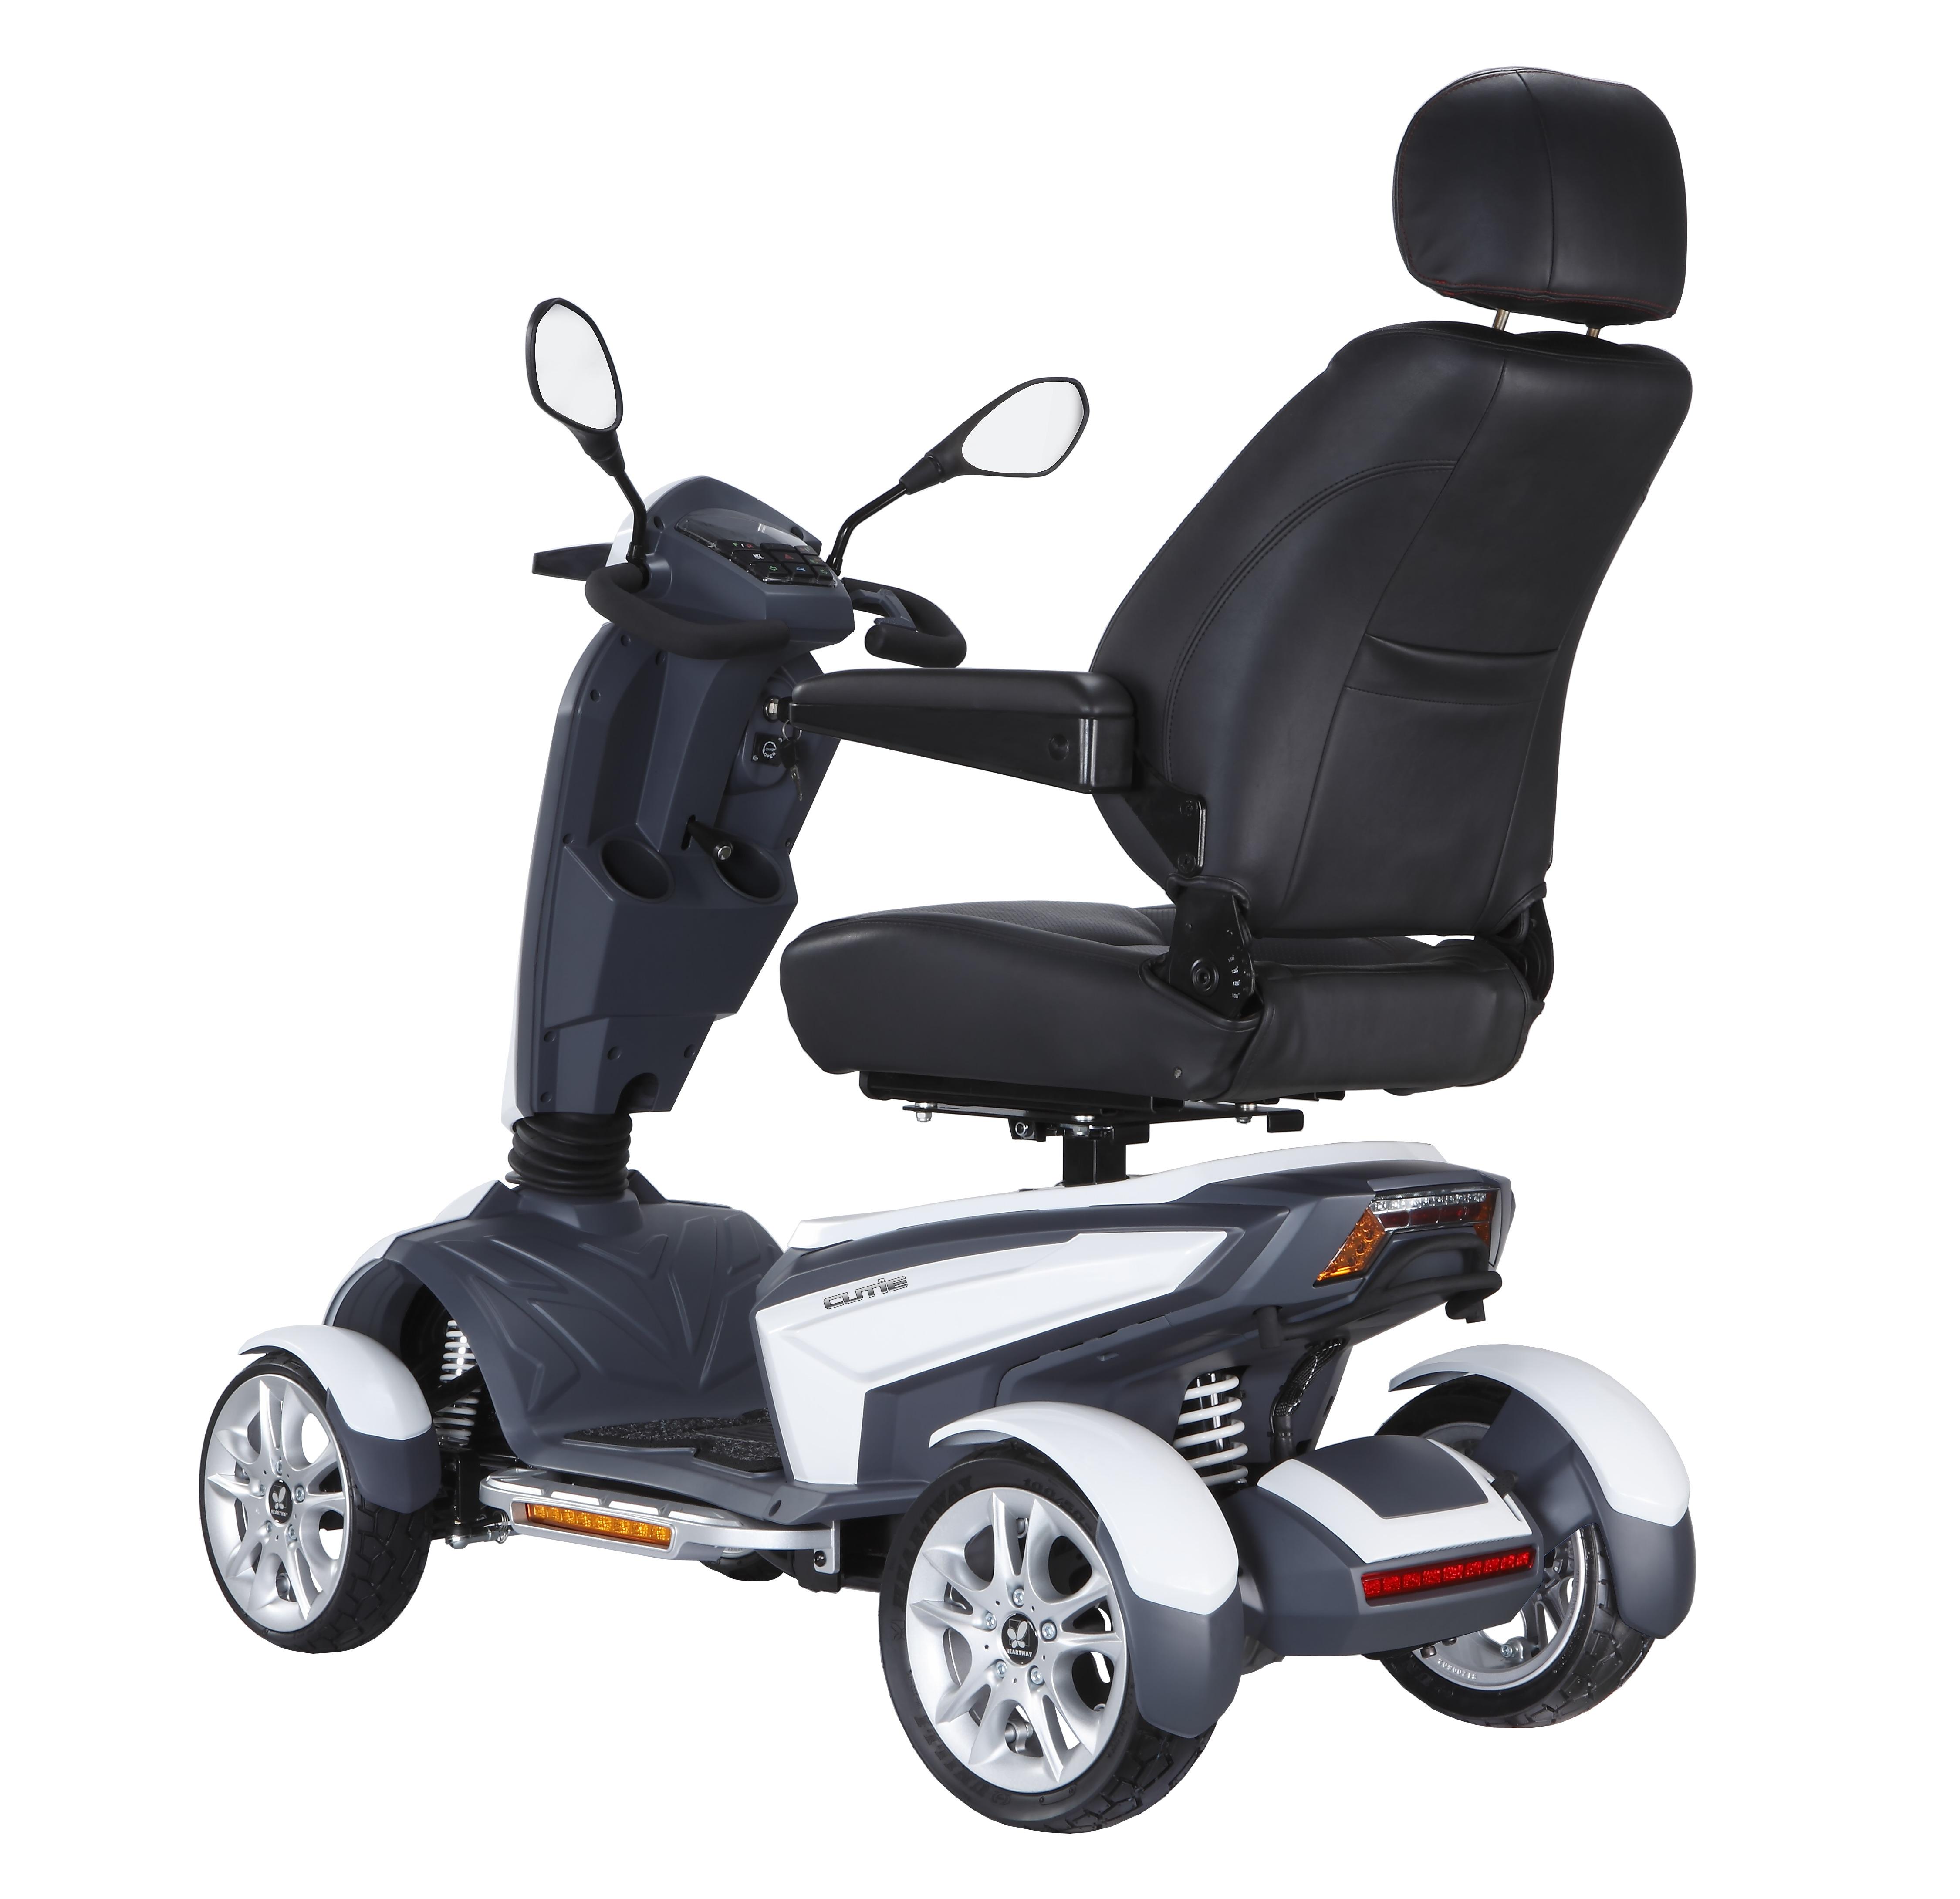 Смена коляски на электроскутер для инвалидов «Vita» OSD увеличит самостоятельность людей с ограниченными возможностями